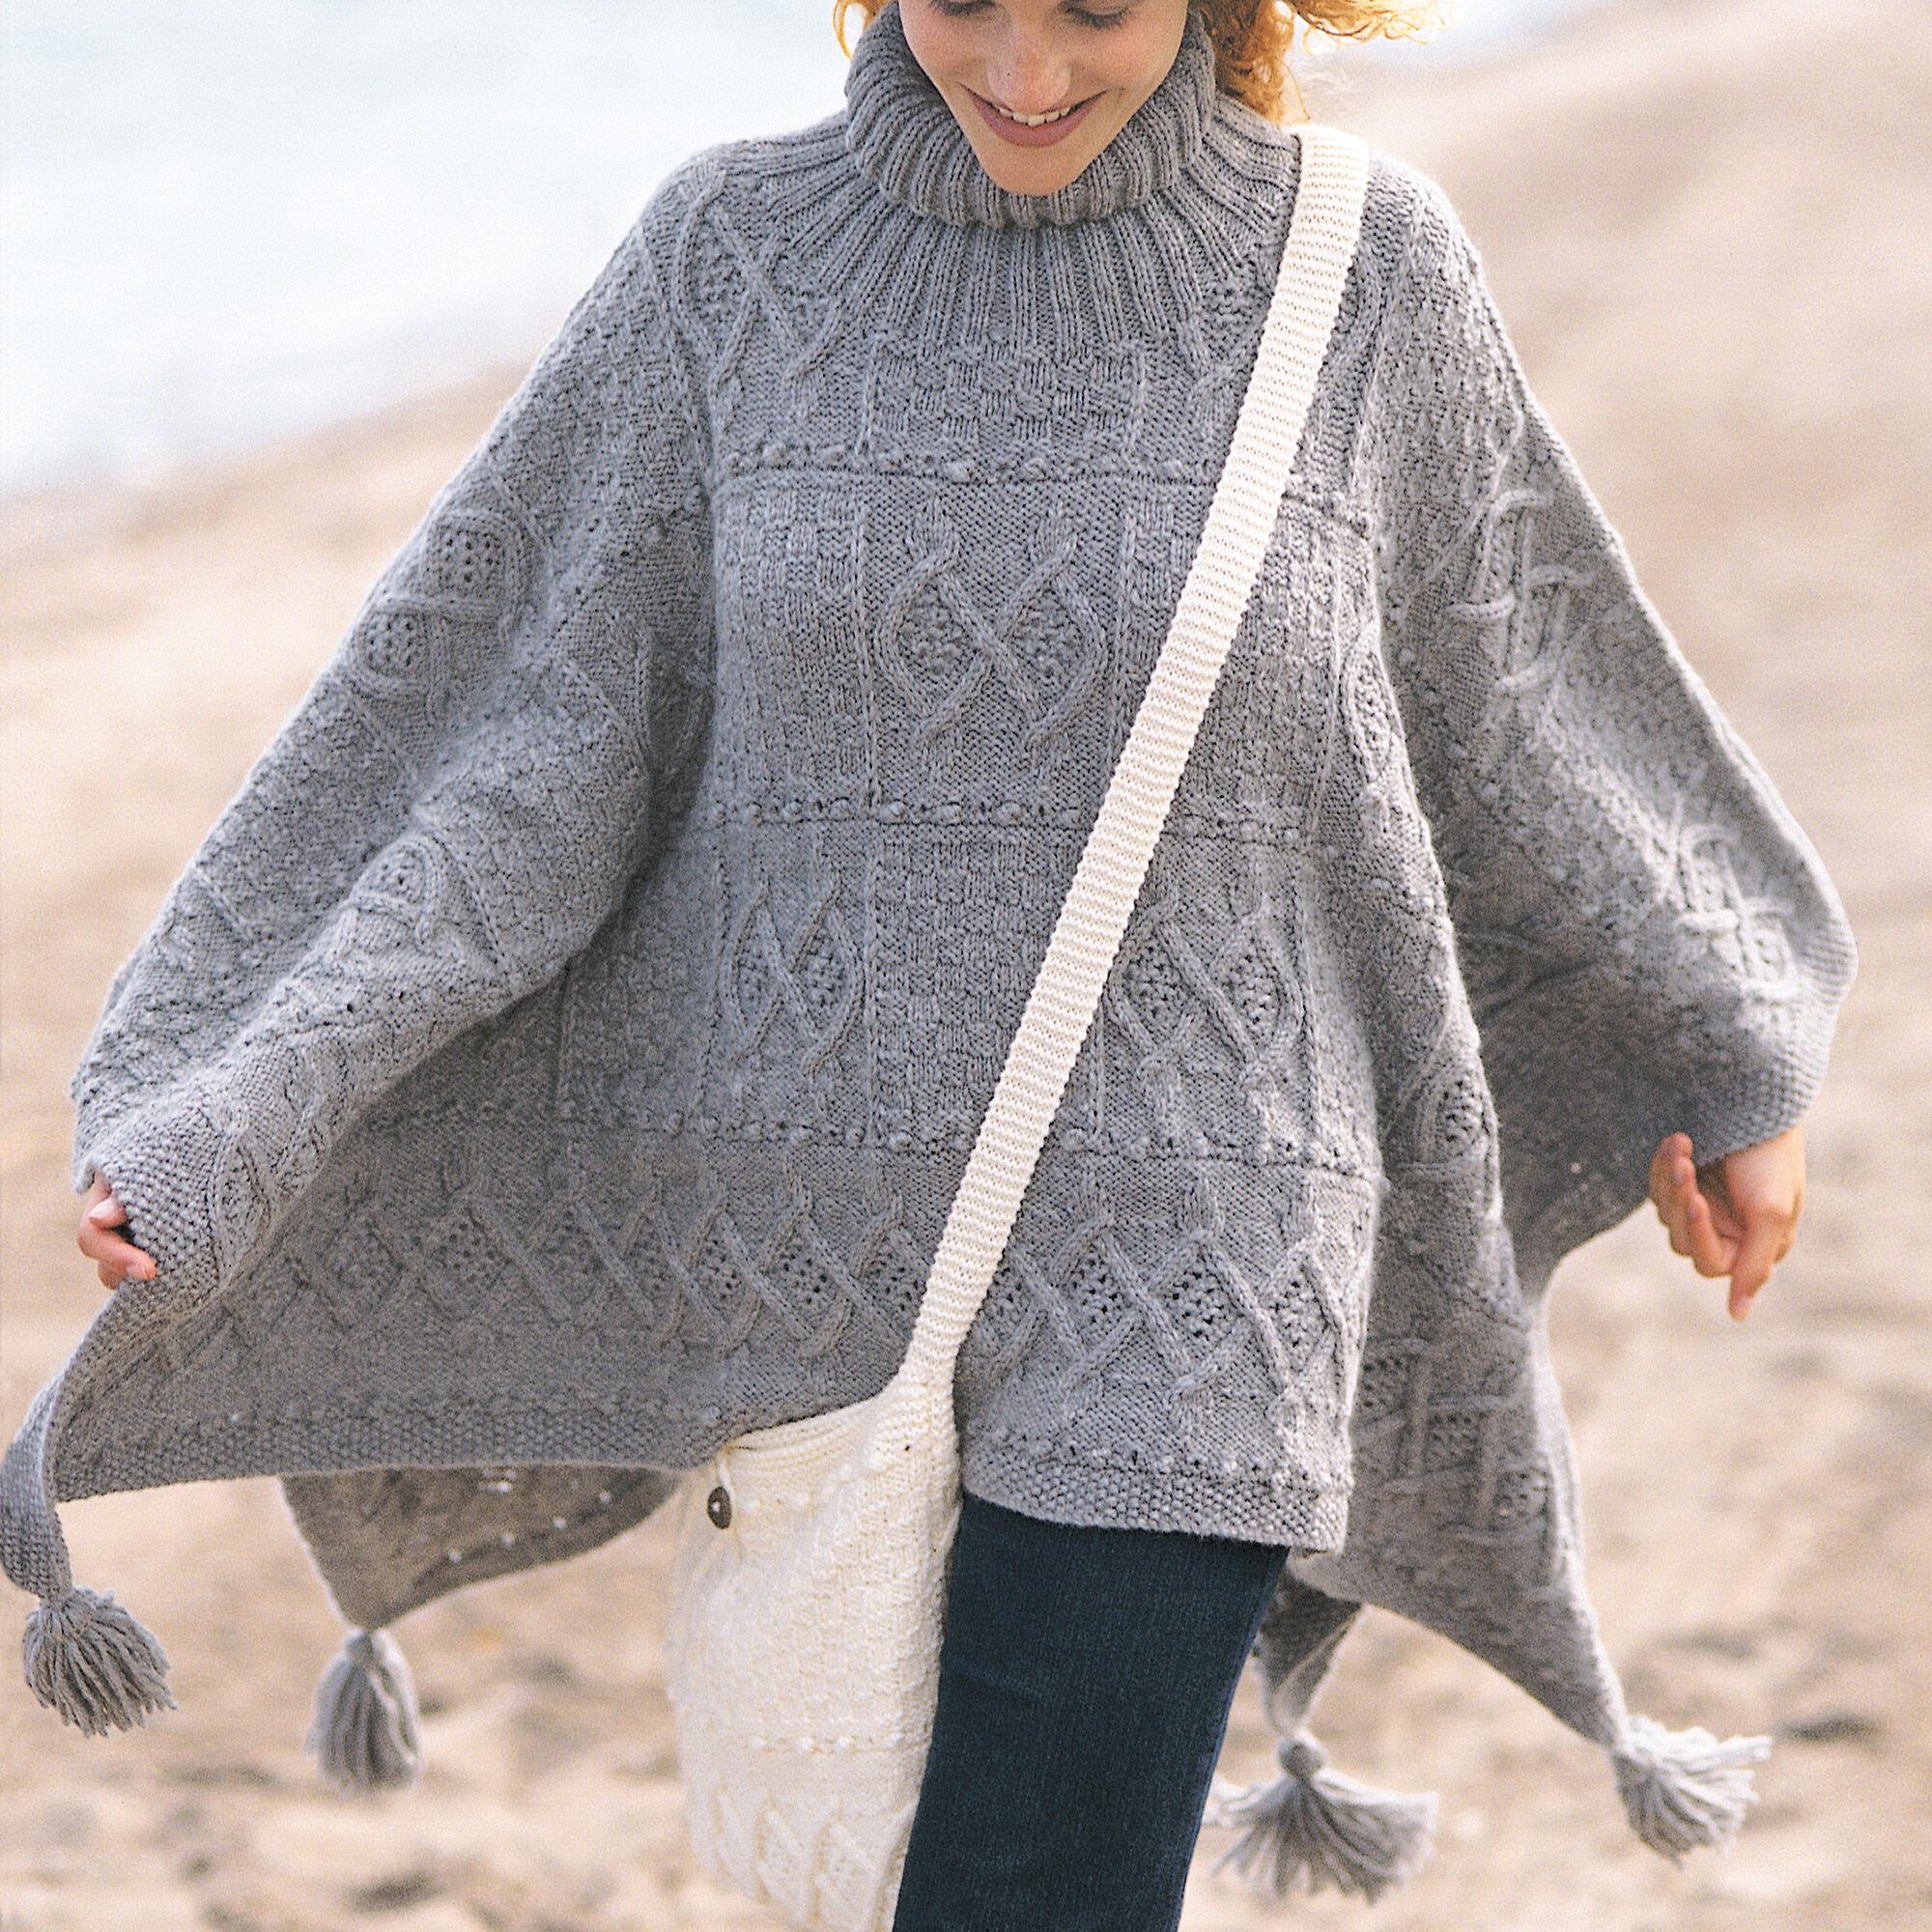 Patons Blanket Poncho and Bag | Yarnspirations